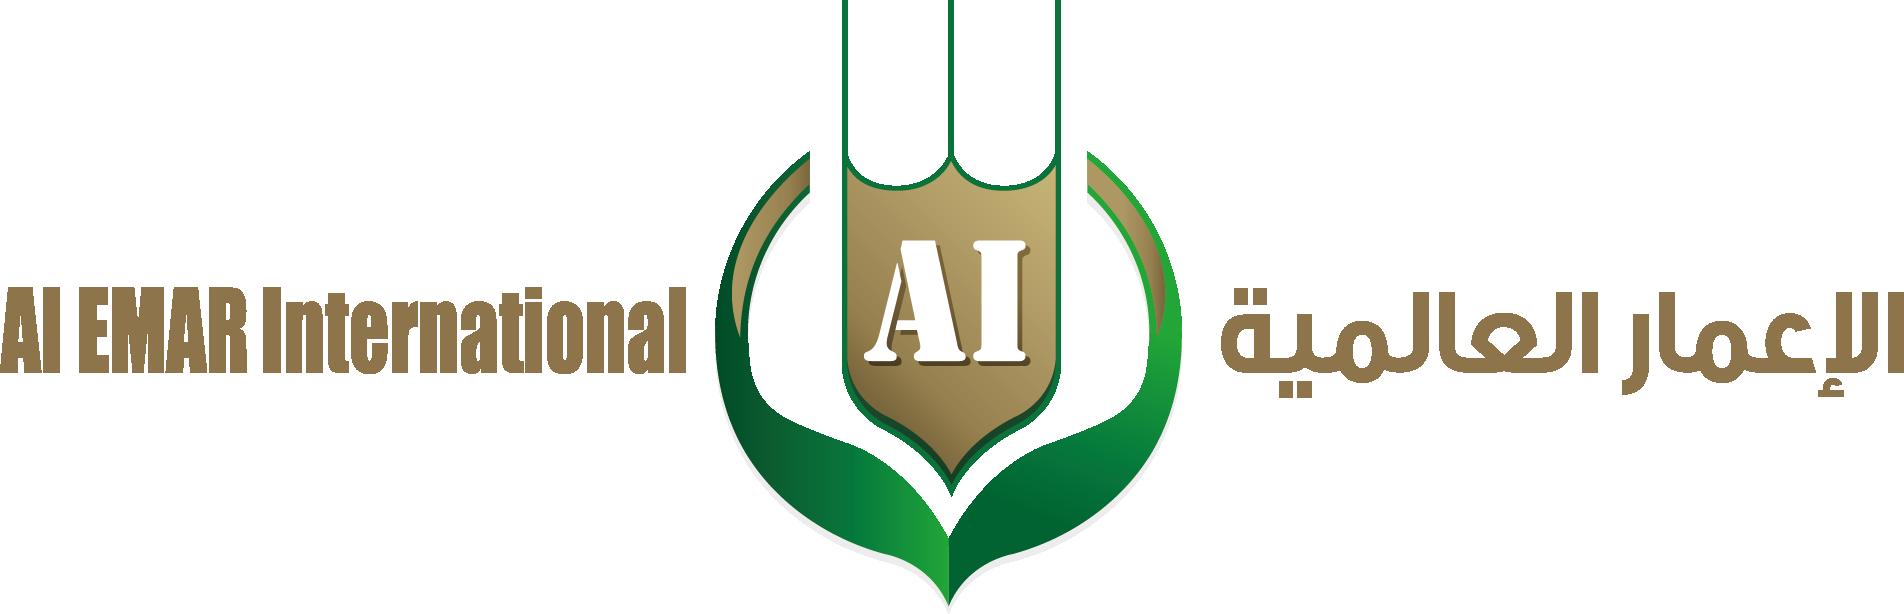 Al Emar International